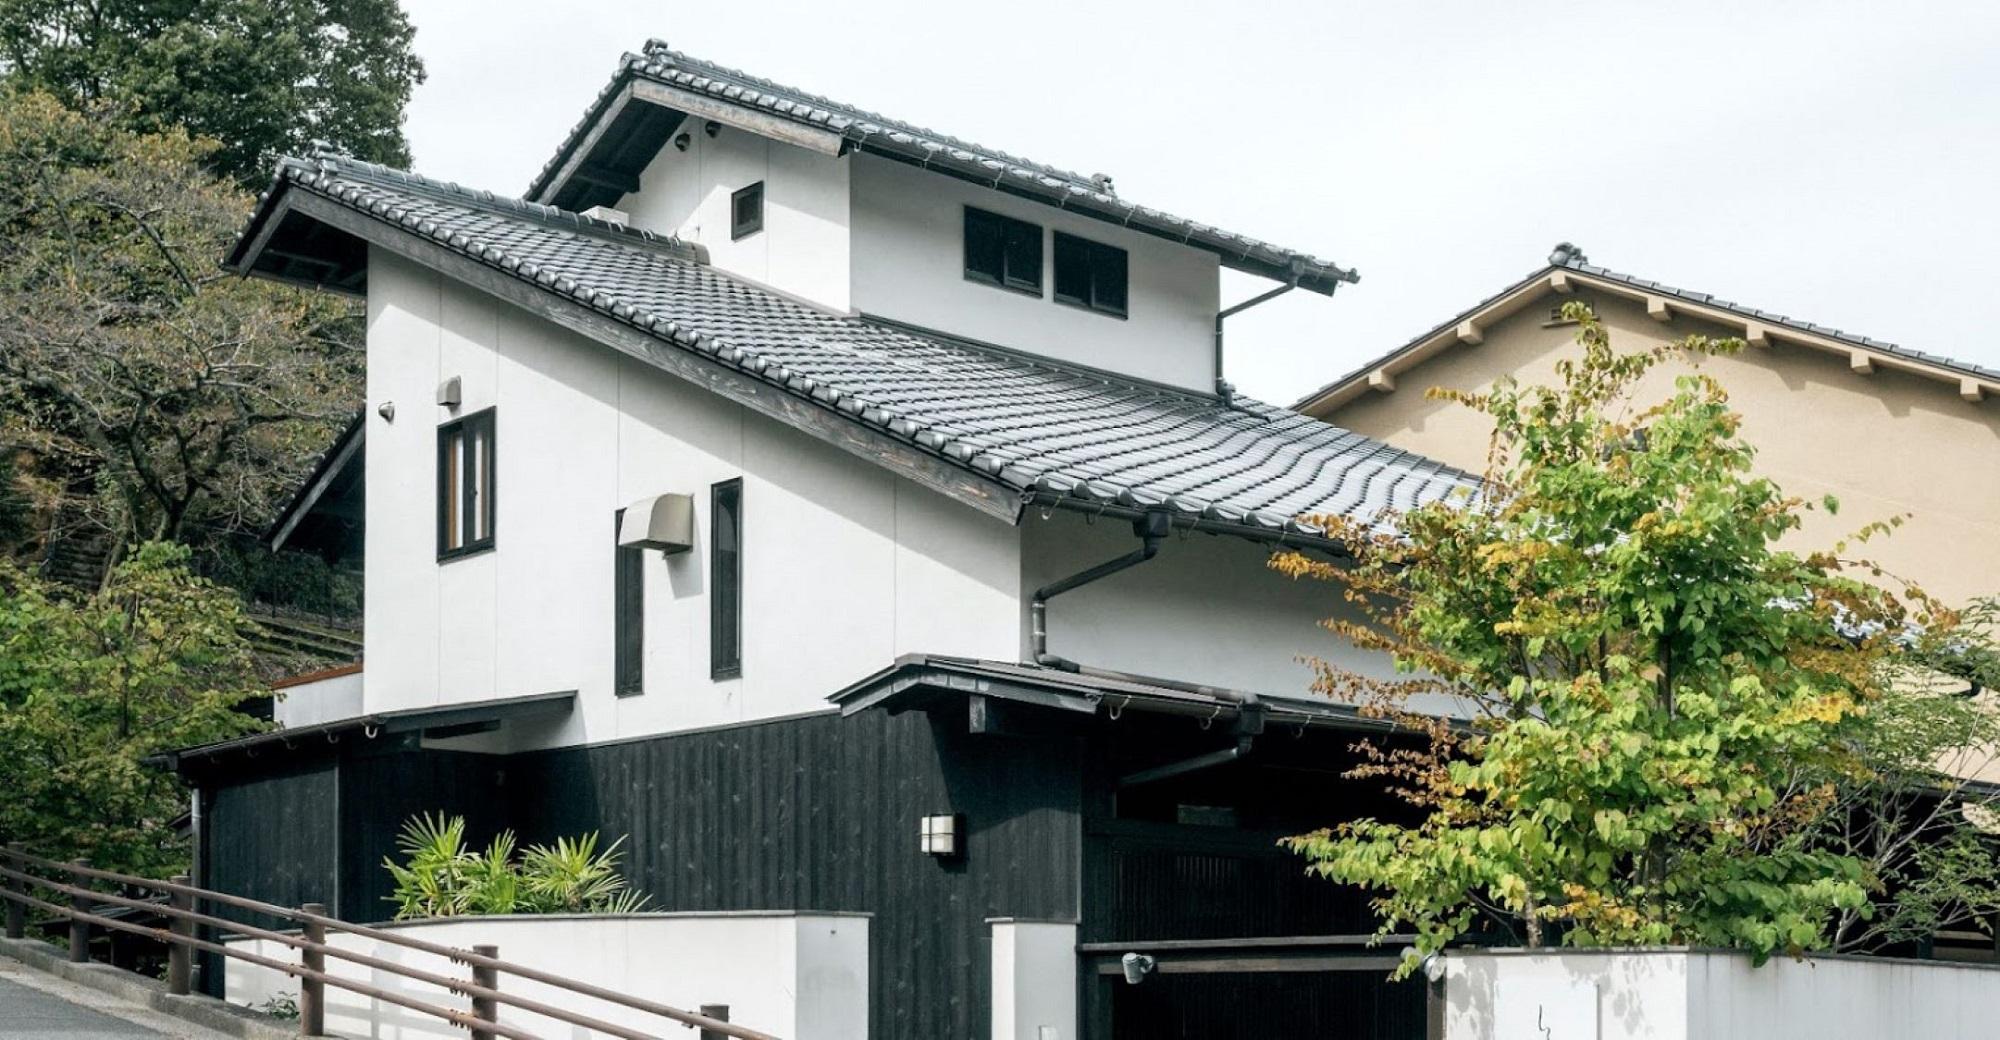 Miyajima Shiro